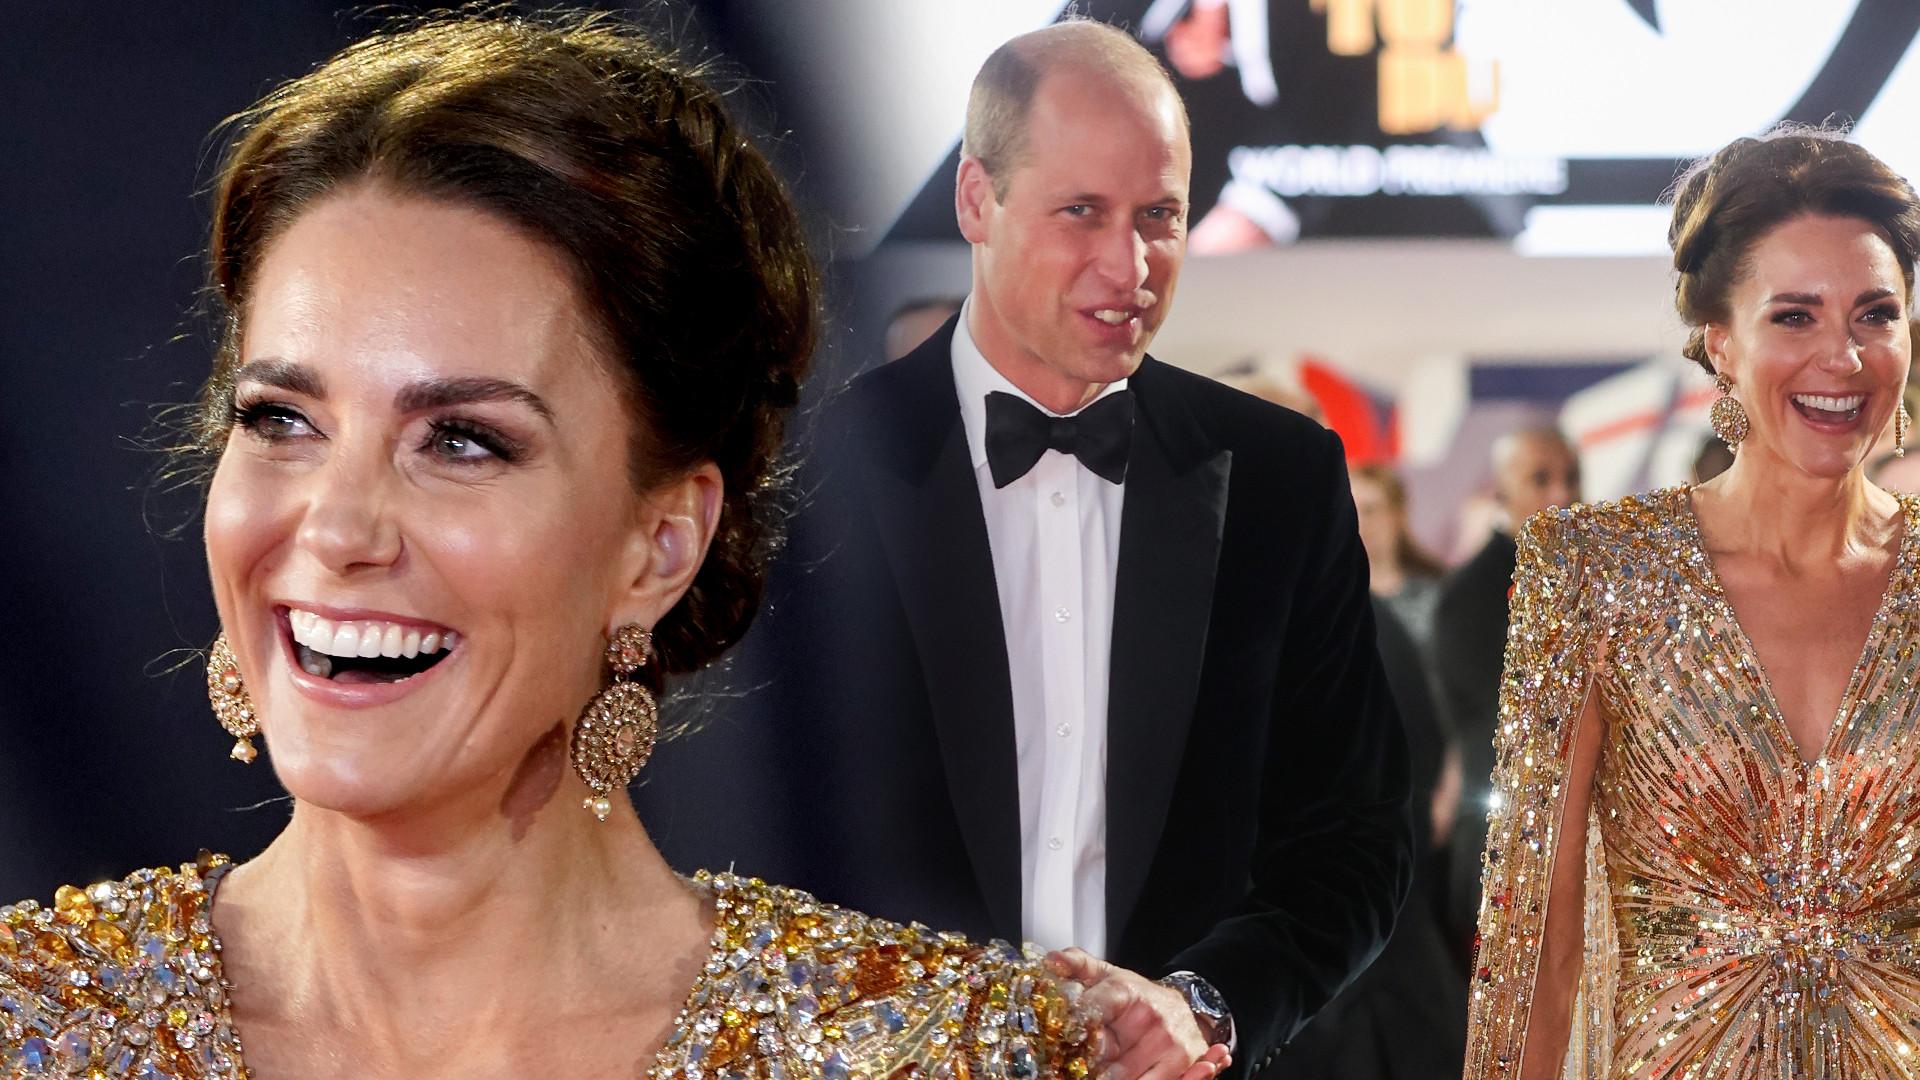 Kate i William na premierze Jamesa Bonda. Księżna w zjawiskowej, złotej sukni (ZDJĘCIA)